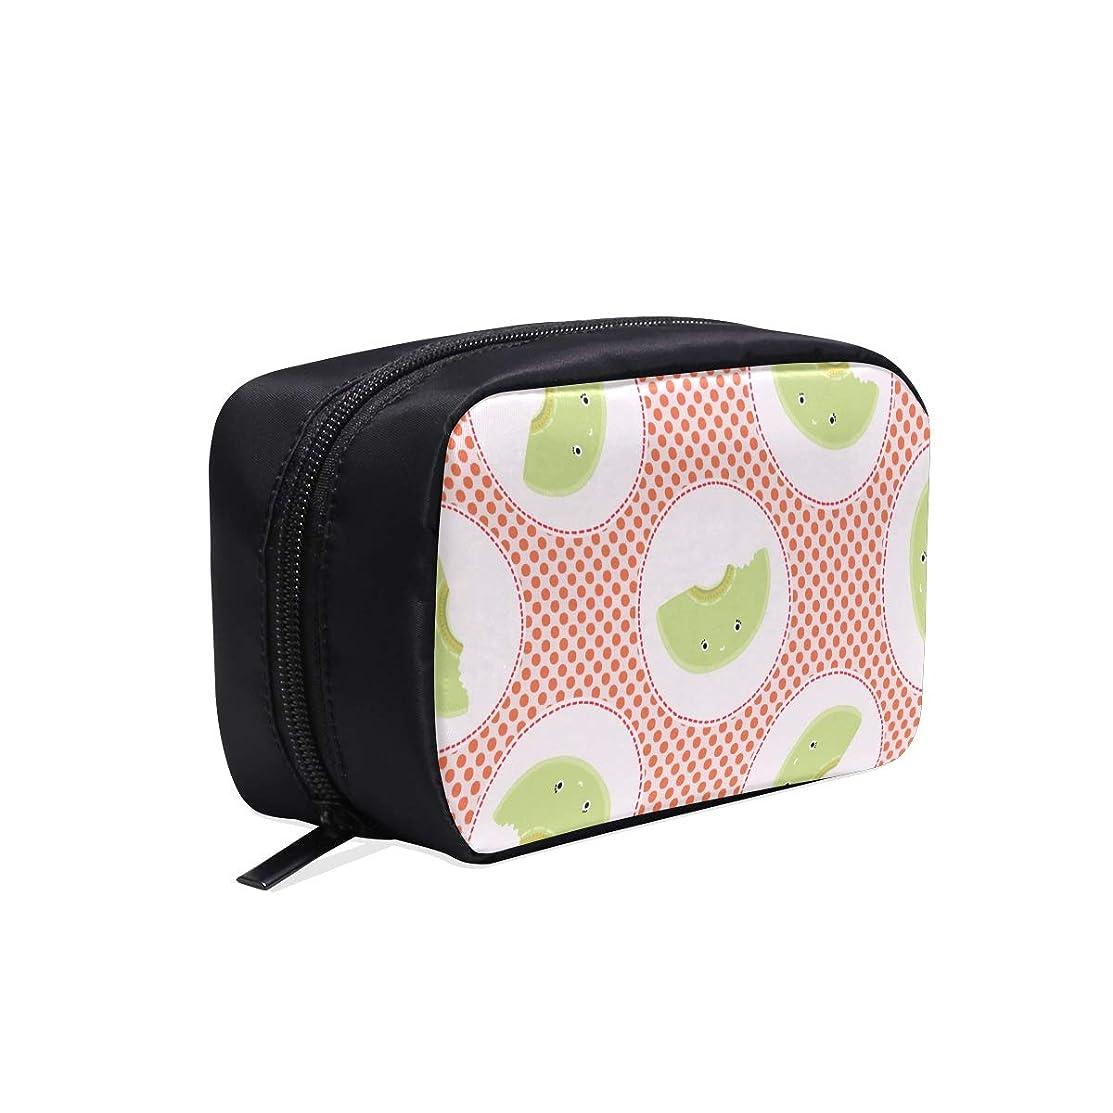 アーティスト交換価値MDKHJ メイクポーチ 新鮮なメロン ボックス コスメ収納 化粧品収納ケース 大容量 収納 化粧品入れ 化粧バッグ 旅行用 メイクブラシバッグ 化粧箱 持ち運び便利 プロ用